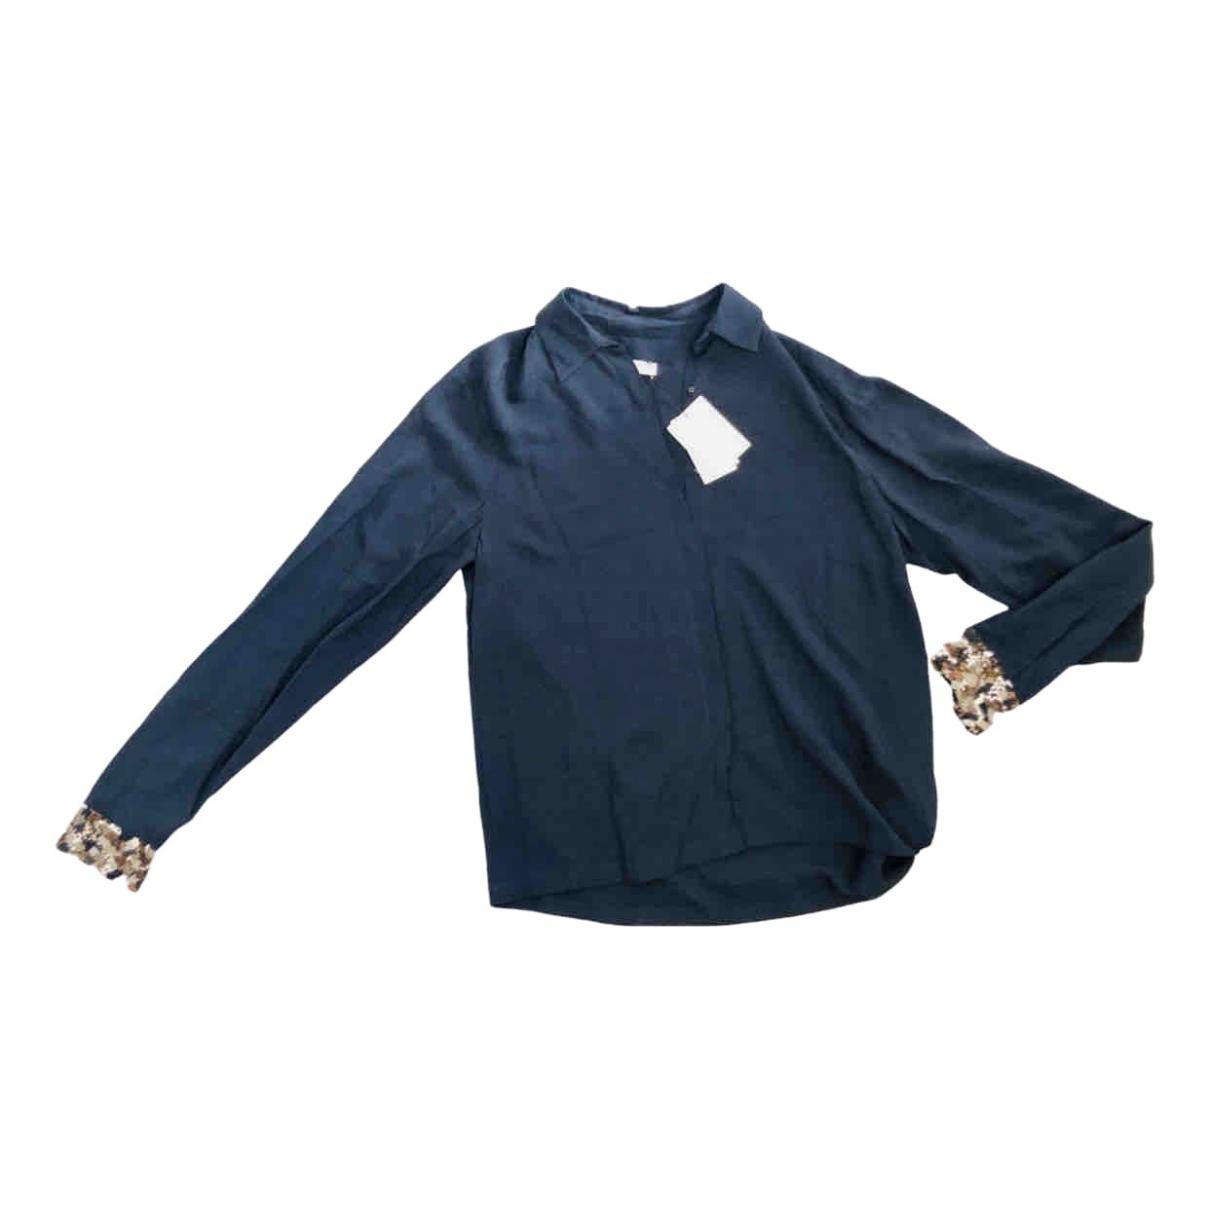 Dries Van Noten - Top   pour femme - bleu